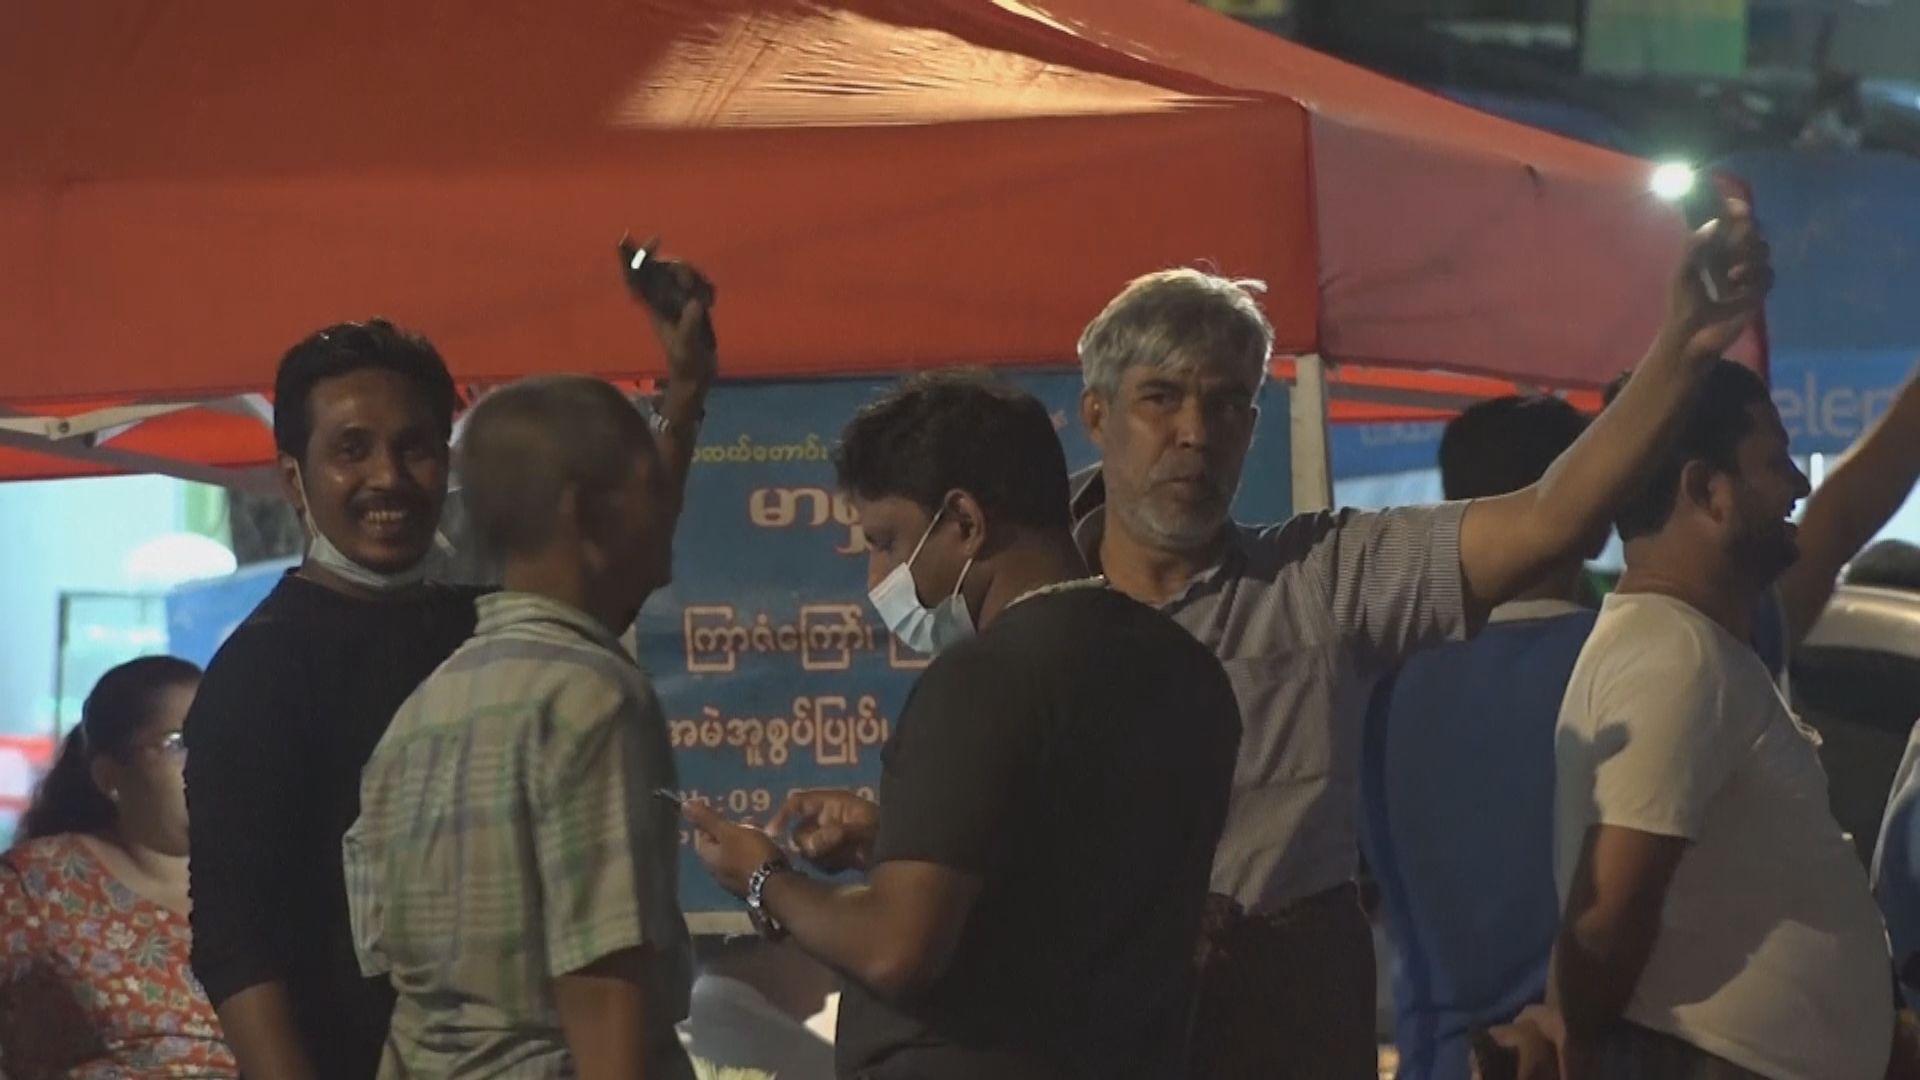 緬甸曼德勒有民眾上街抗議軍方發動政變 最少三人被捕